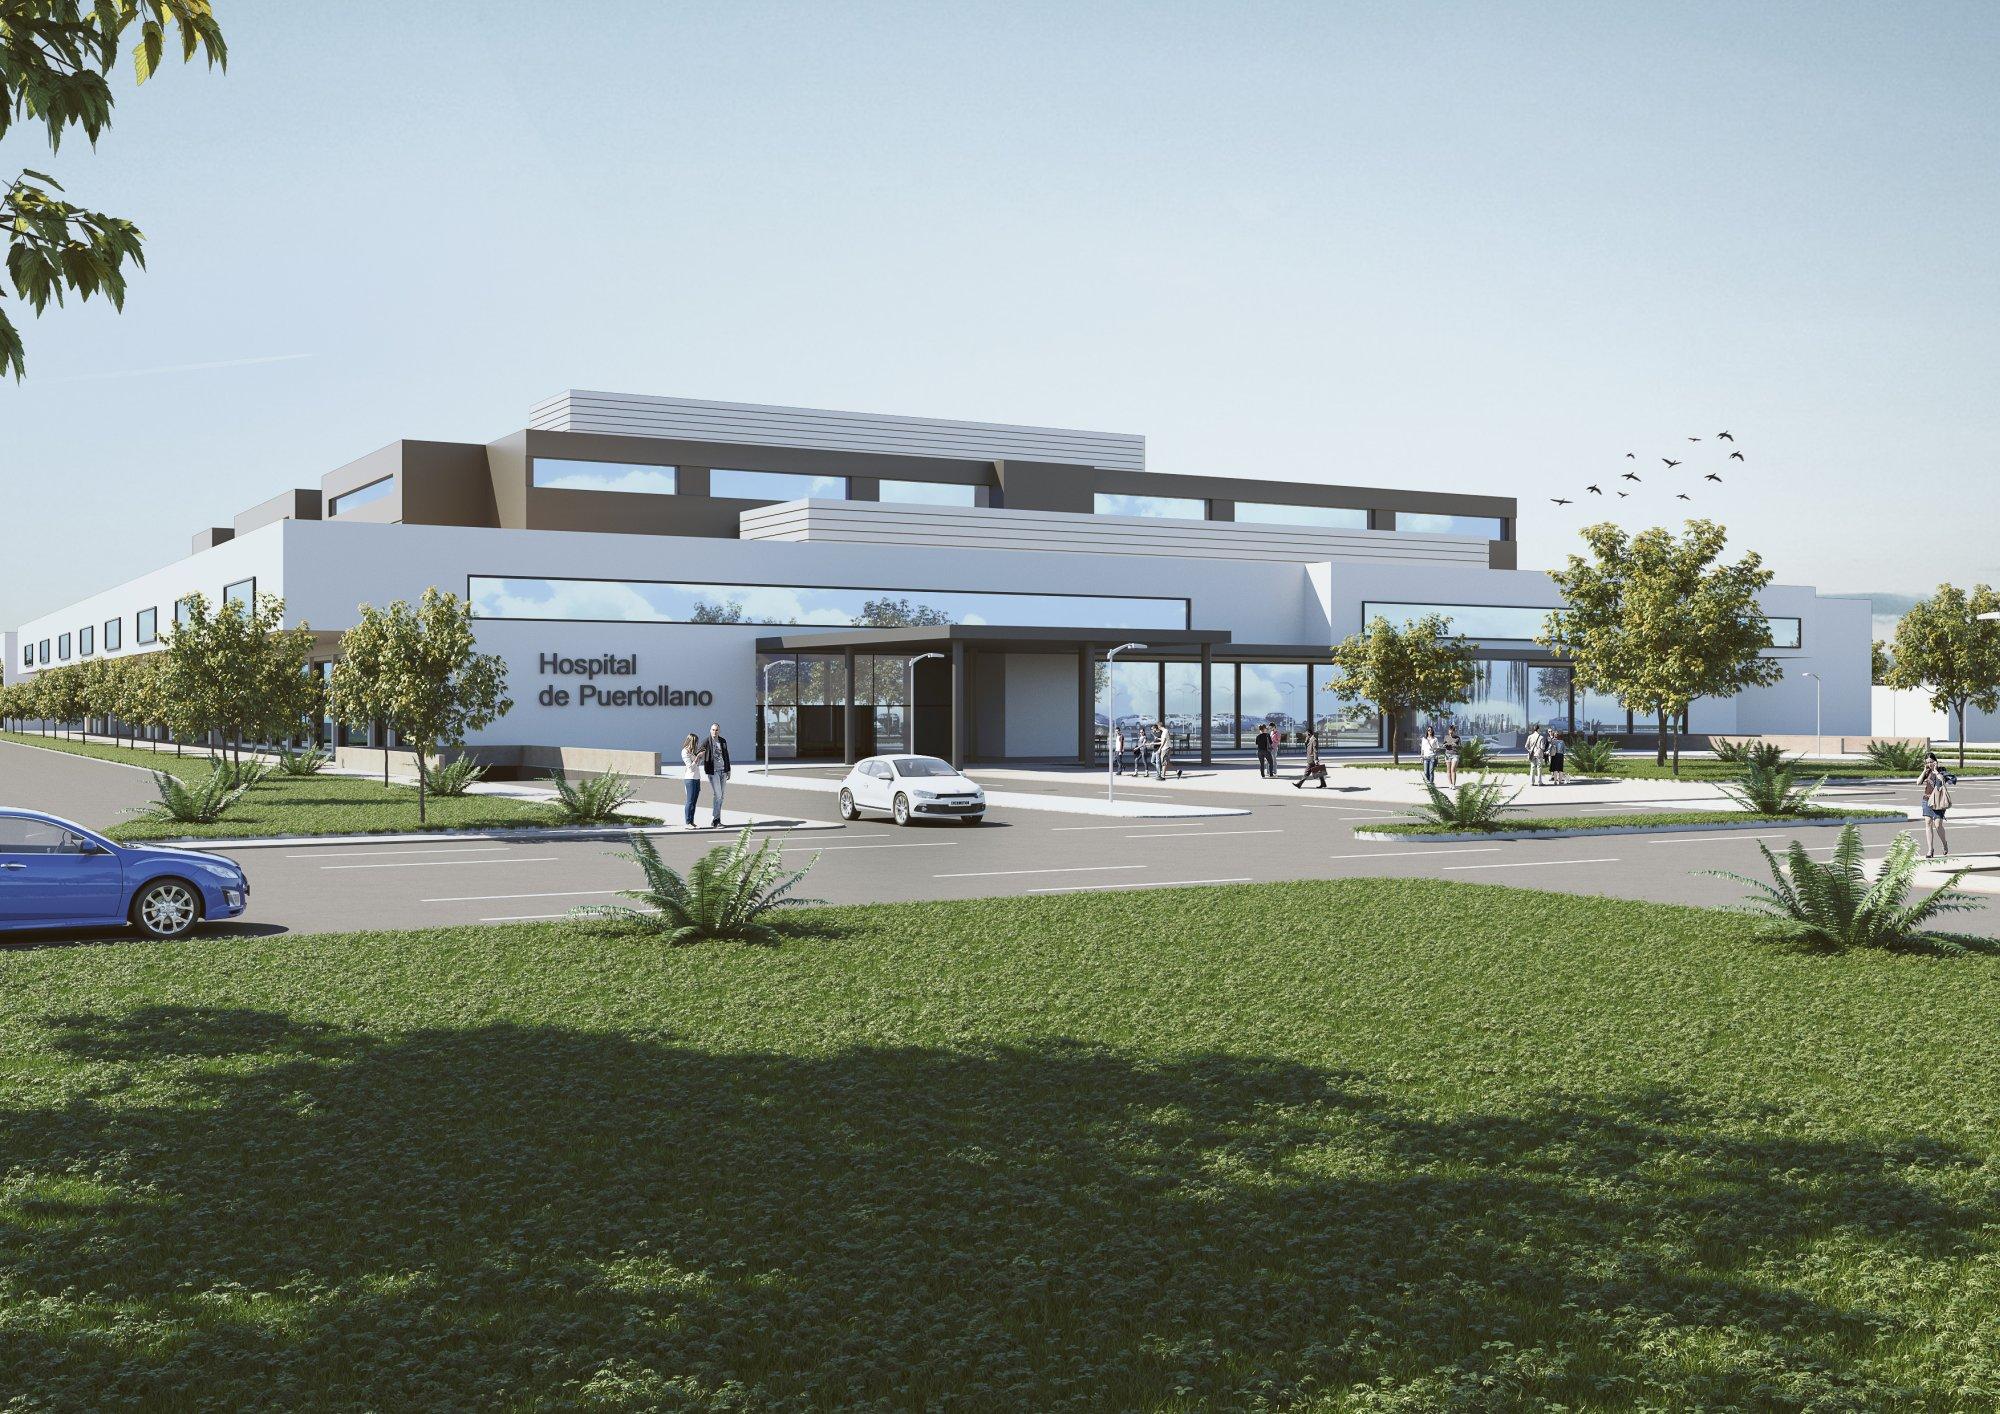 imágenes 3D arquitectura exterior